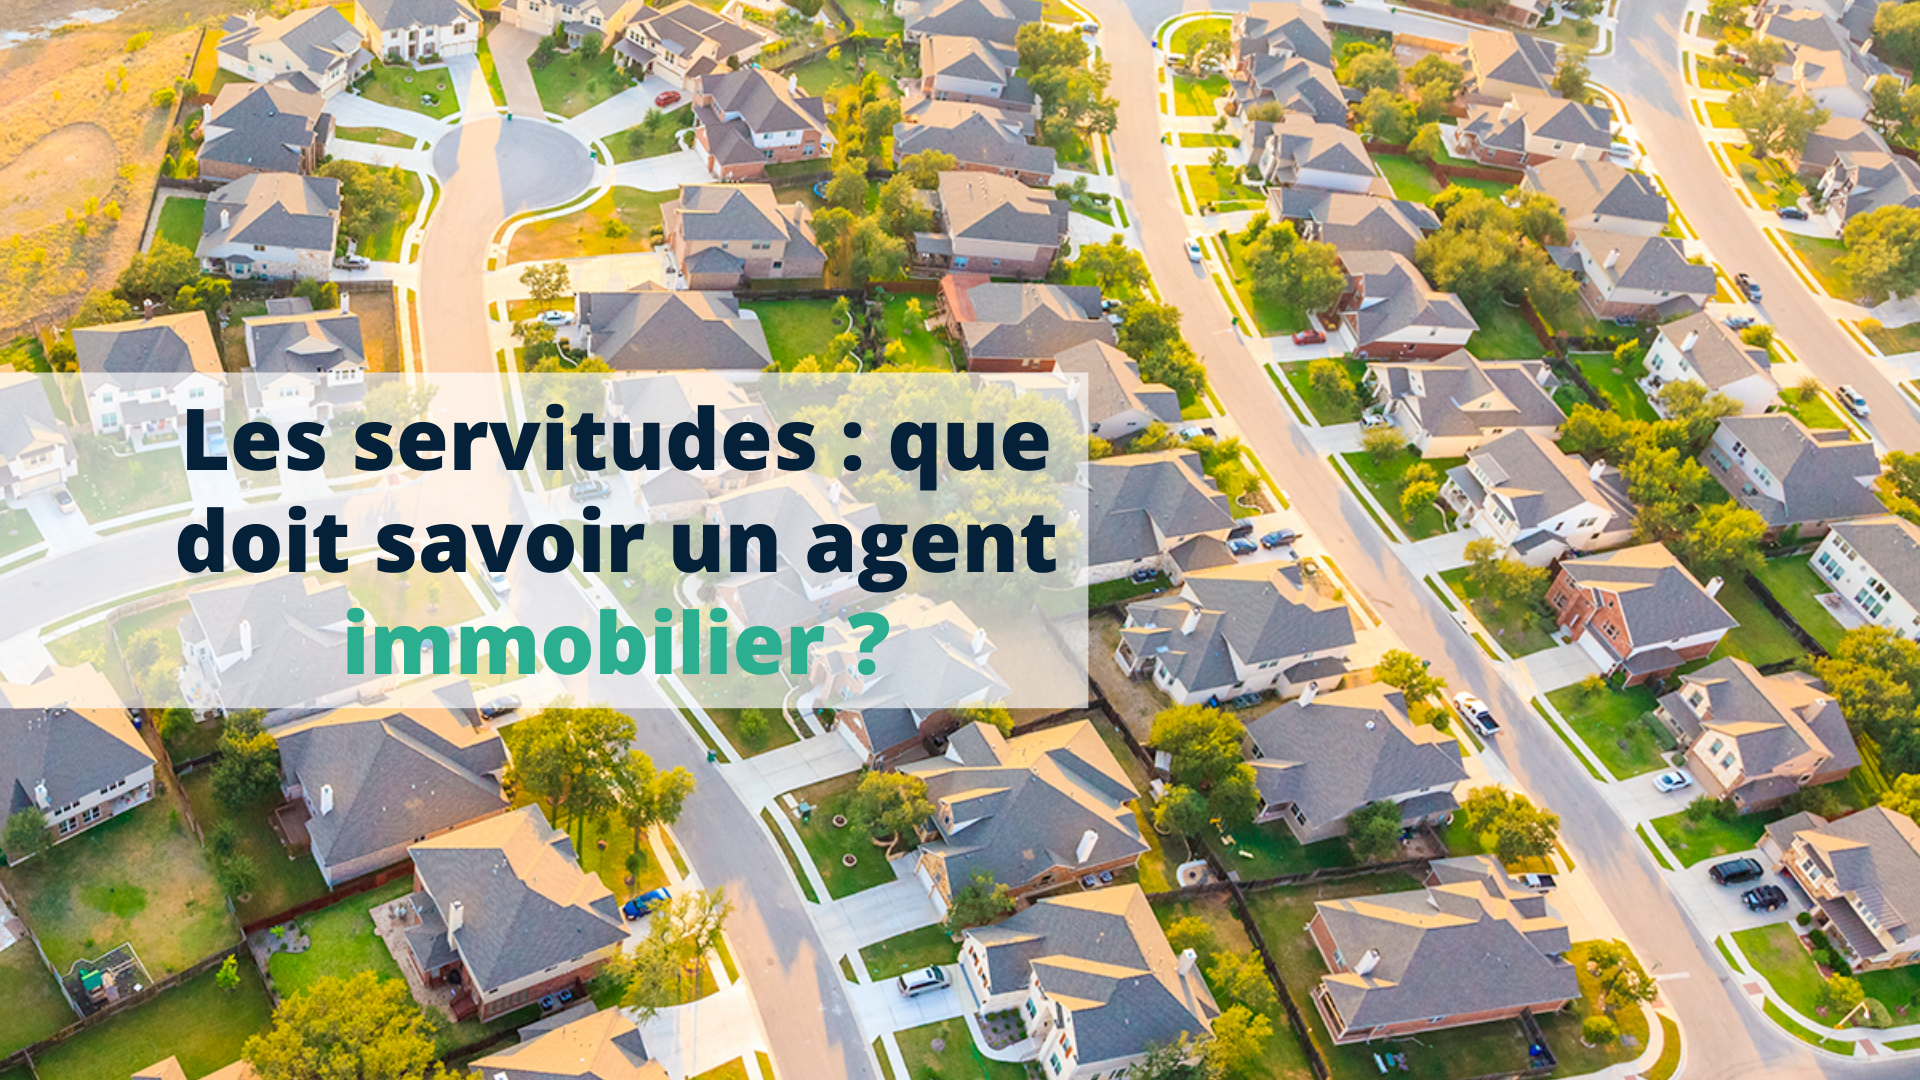 Les servitudes que doit savoir un agent immobilier - Start Learning